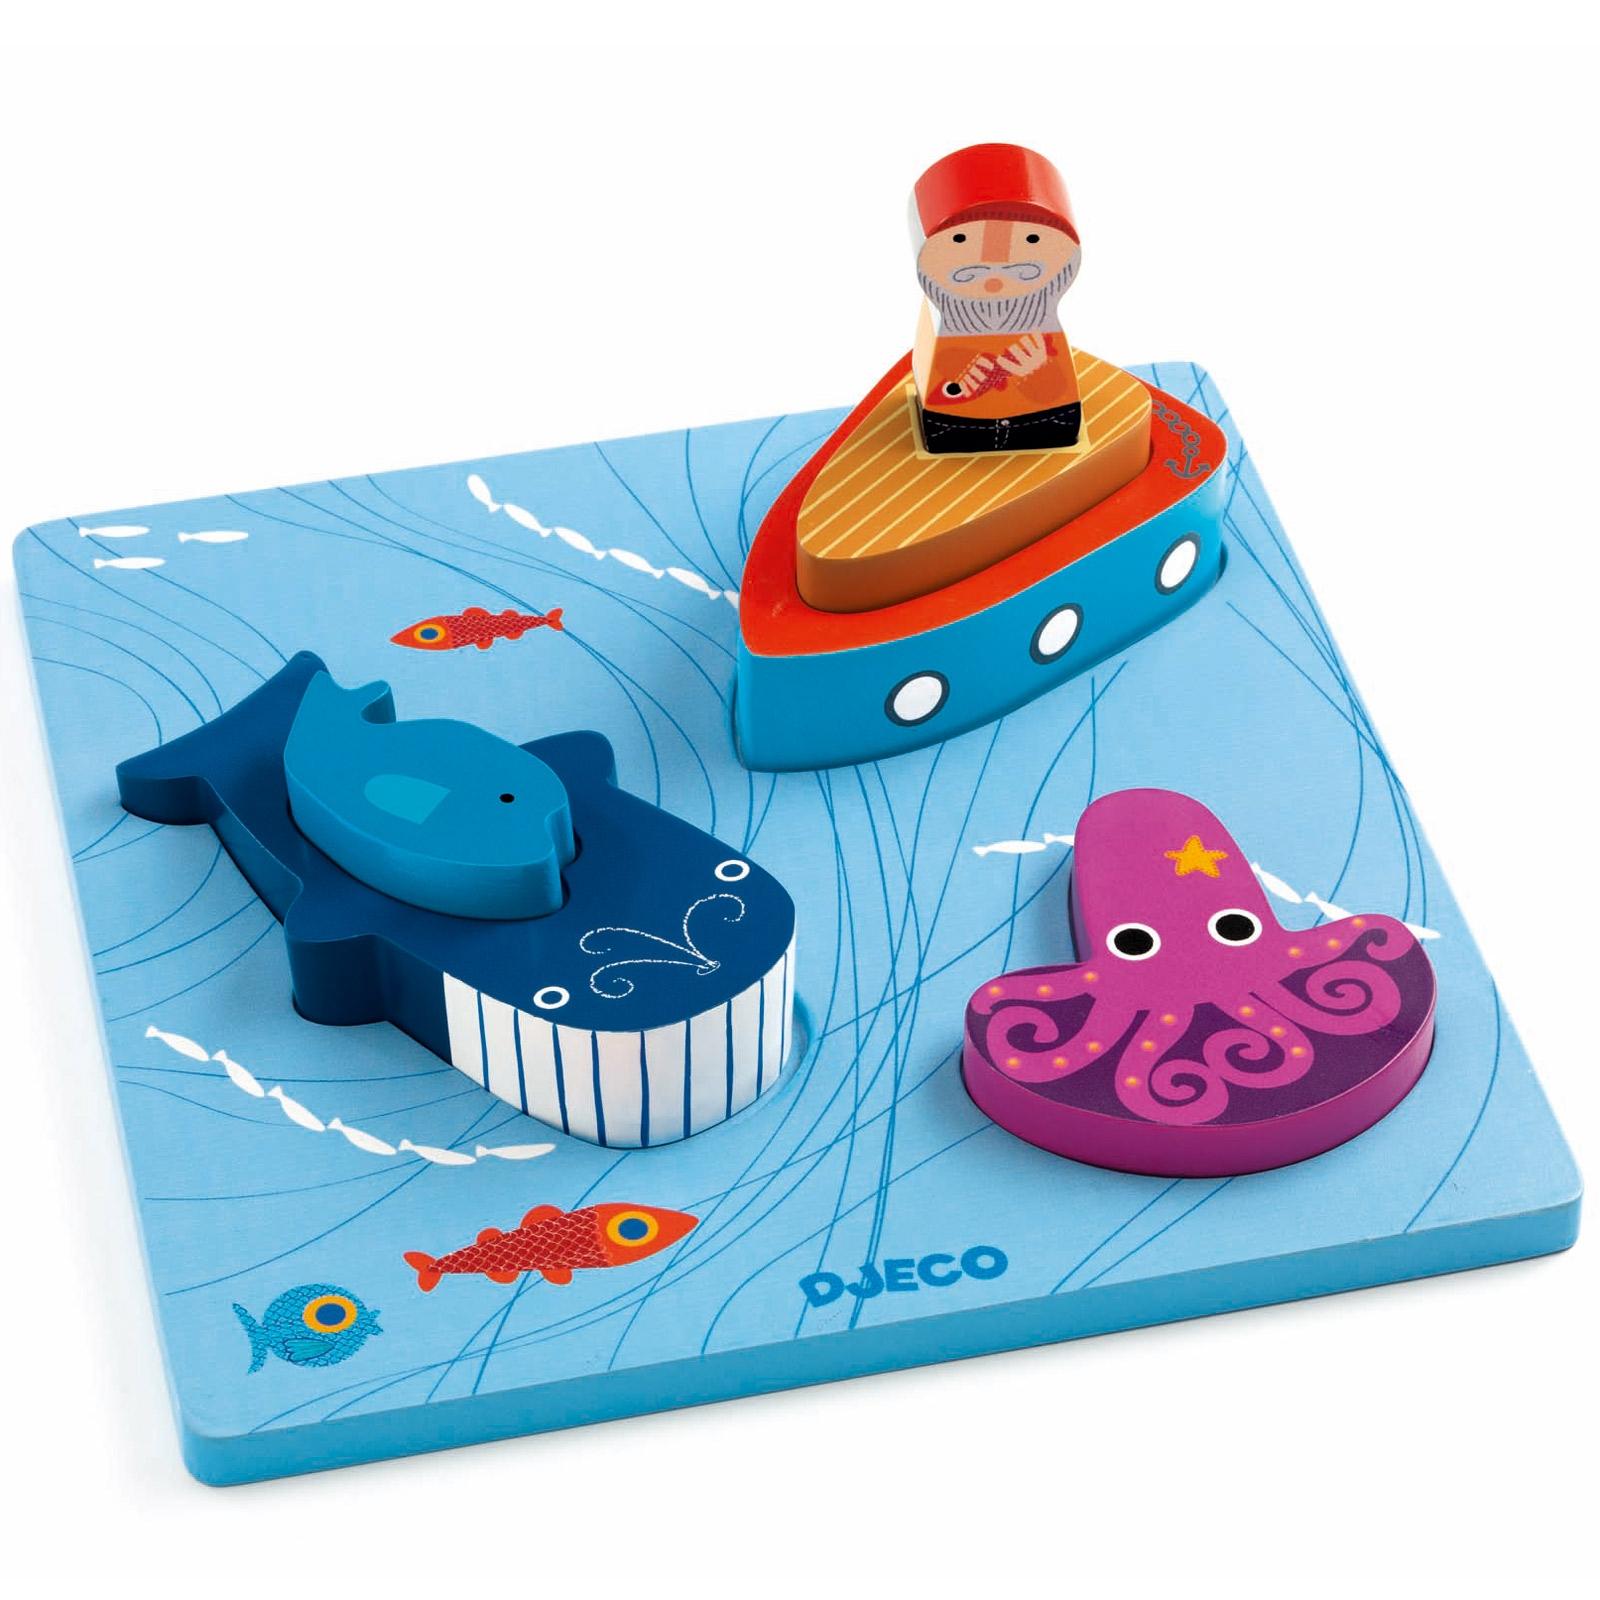 puzzle-en-bois-1-2-3-moby